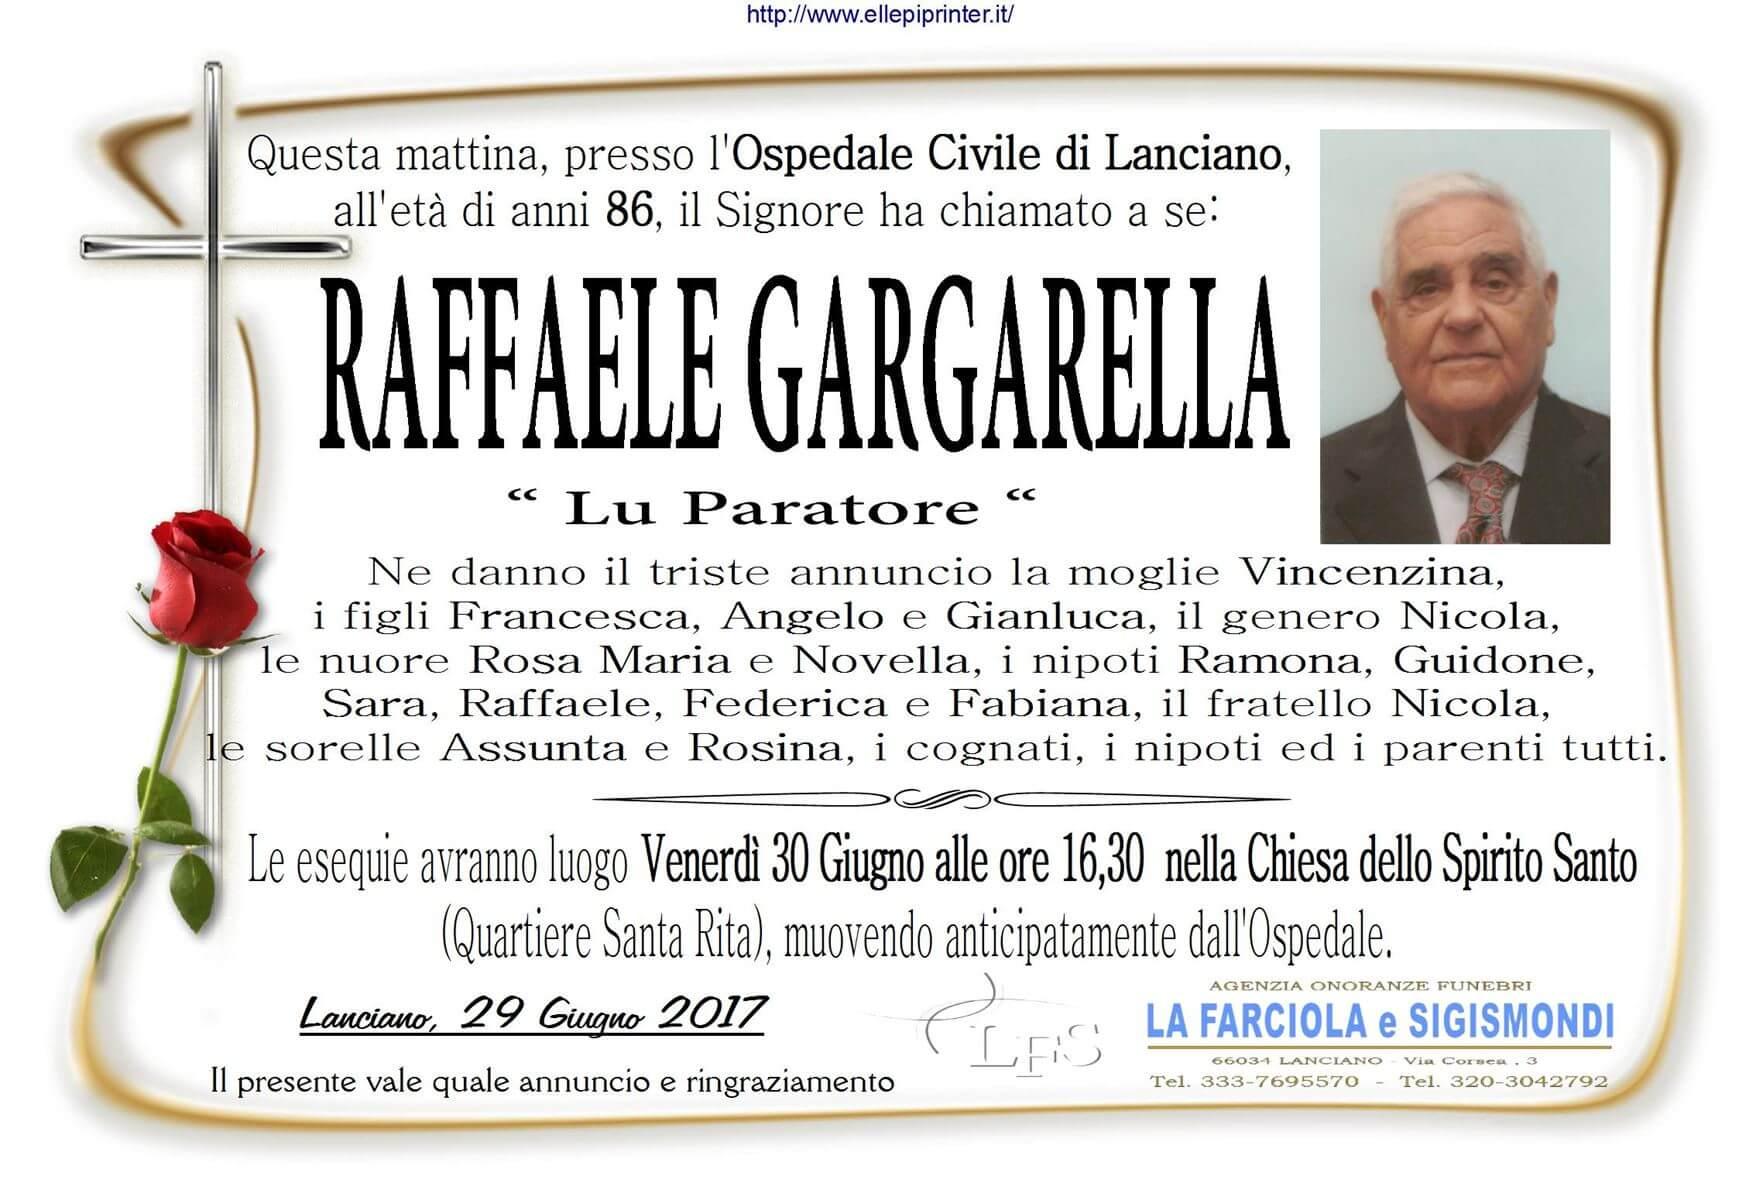 Necrologio Raffaele Gargarella Lanciano